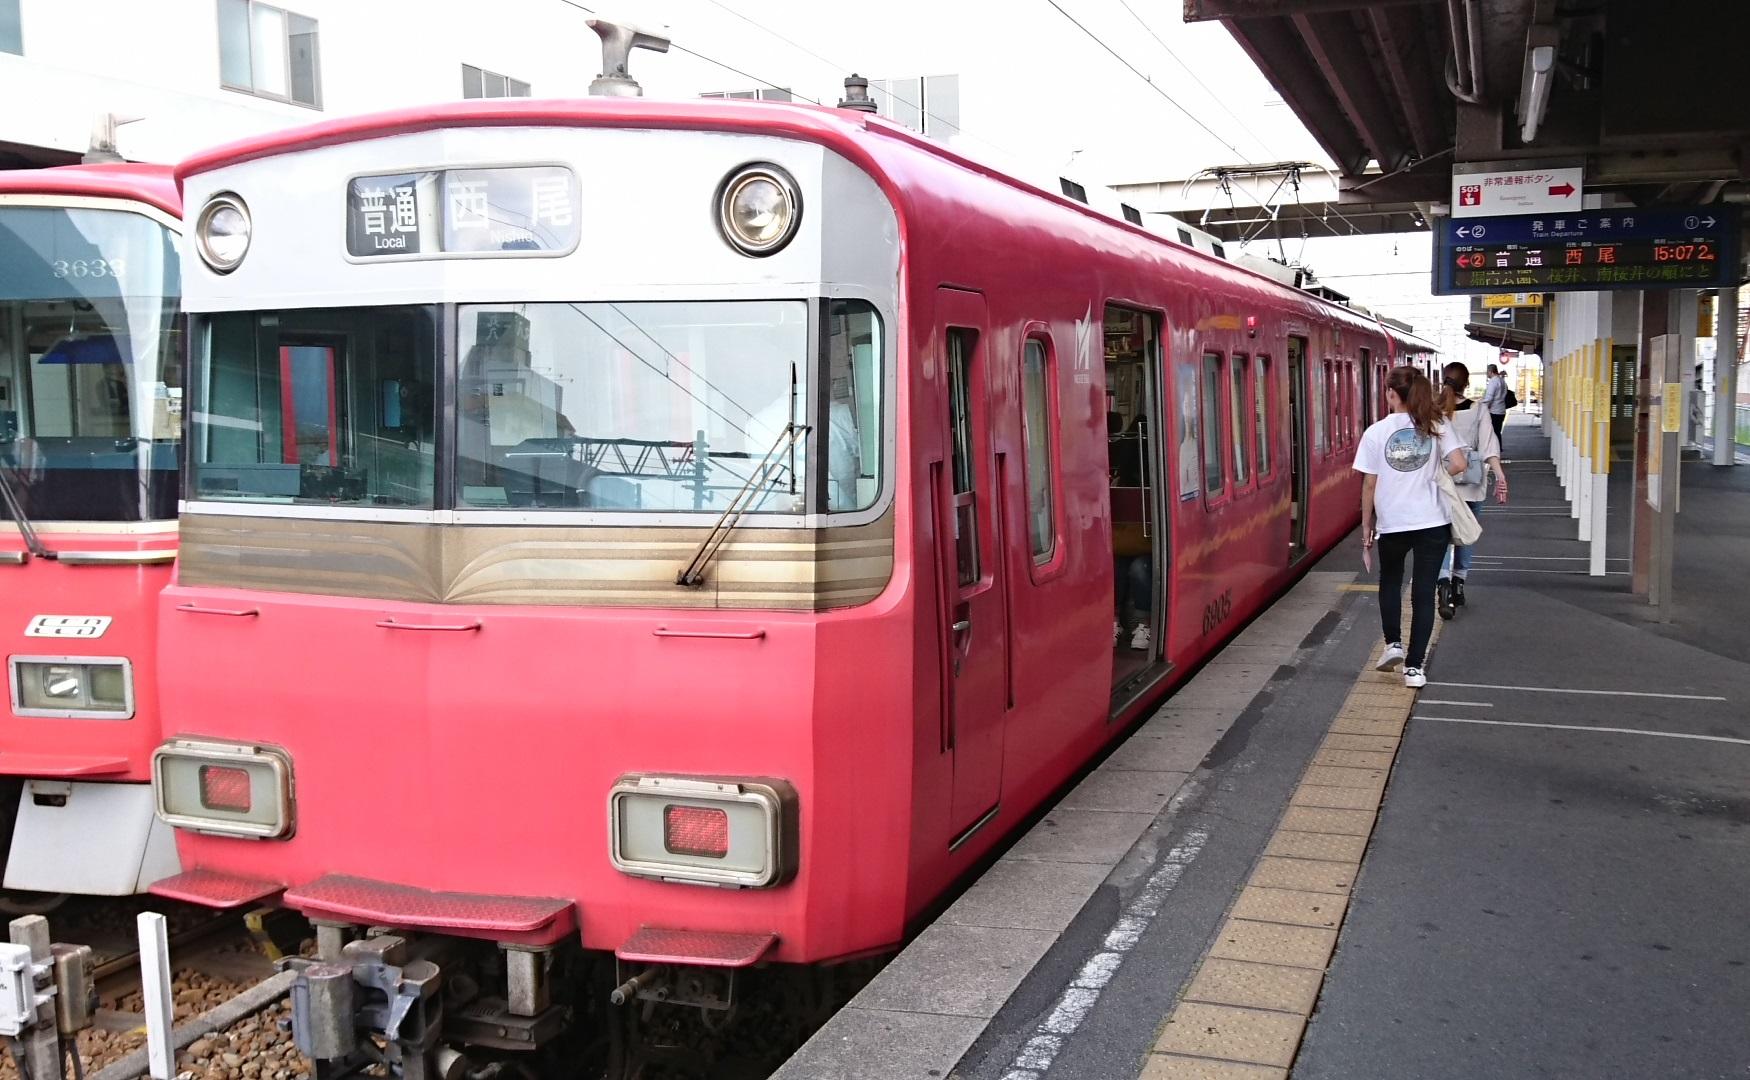 2017.7.13 名鉄 (39) しんあんじょう - 西尾いきふつう 1750-1080